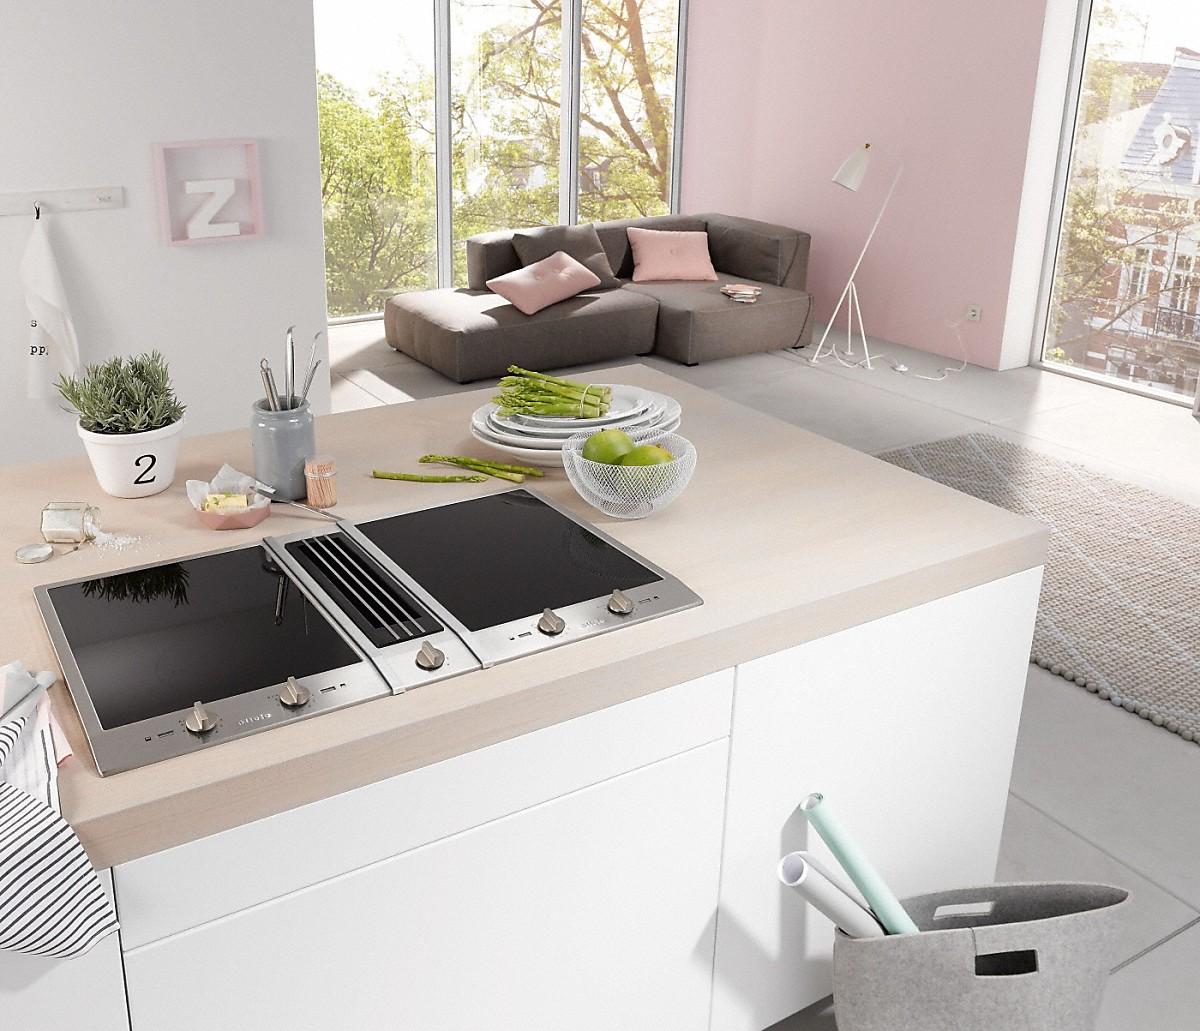 miele csda 1010 proline med benkeventilator. Black Bedroom Furniture Sets. Home Design Ideas